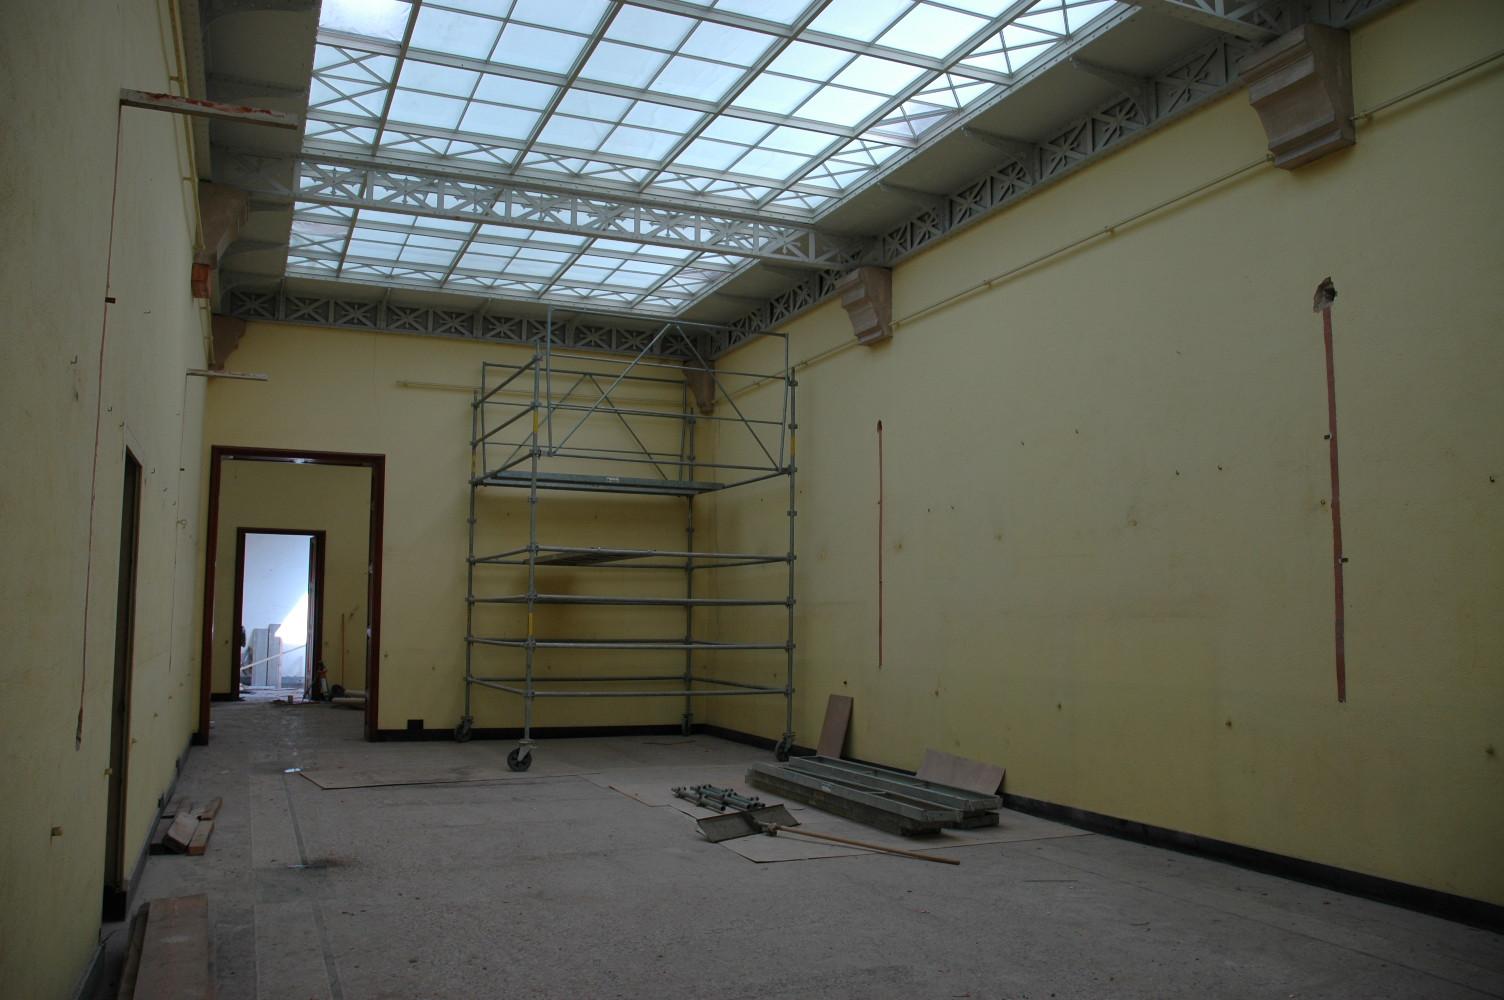 Réhabilitation du bâtiment dans les années 2000